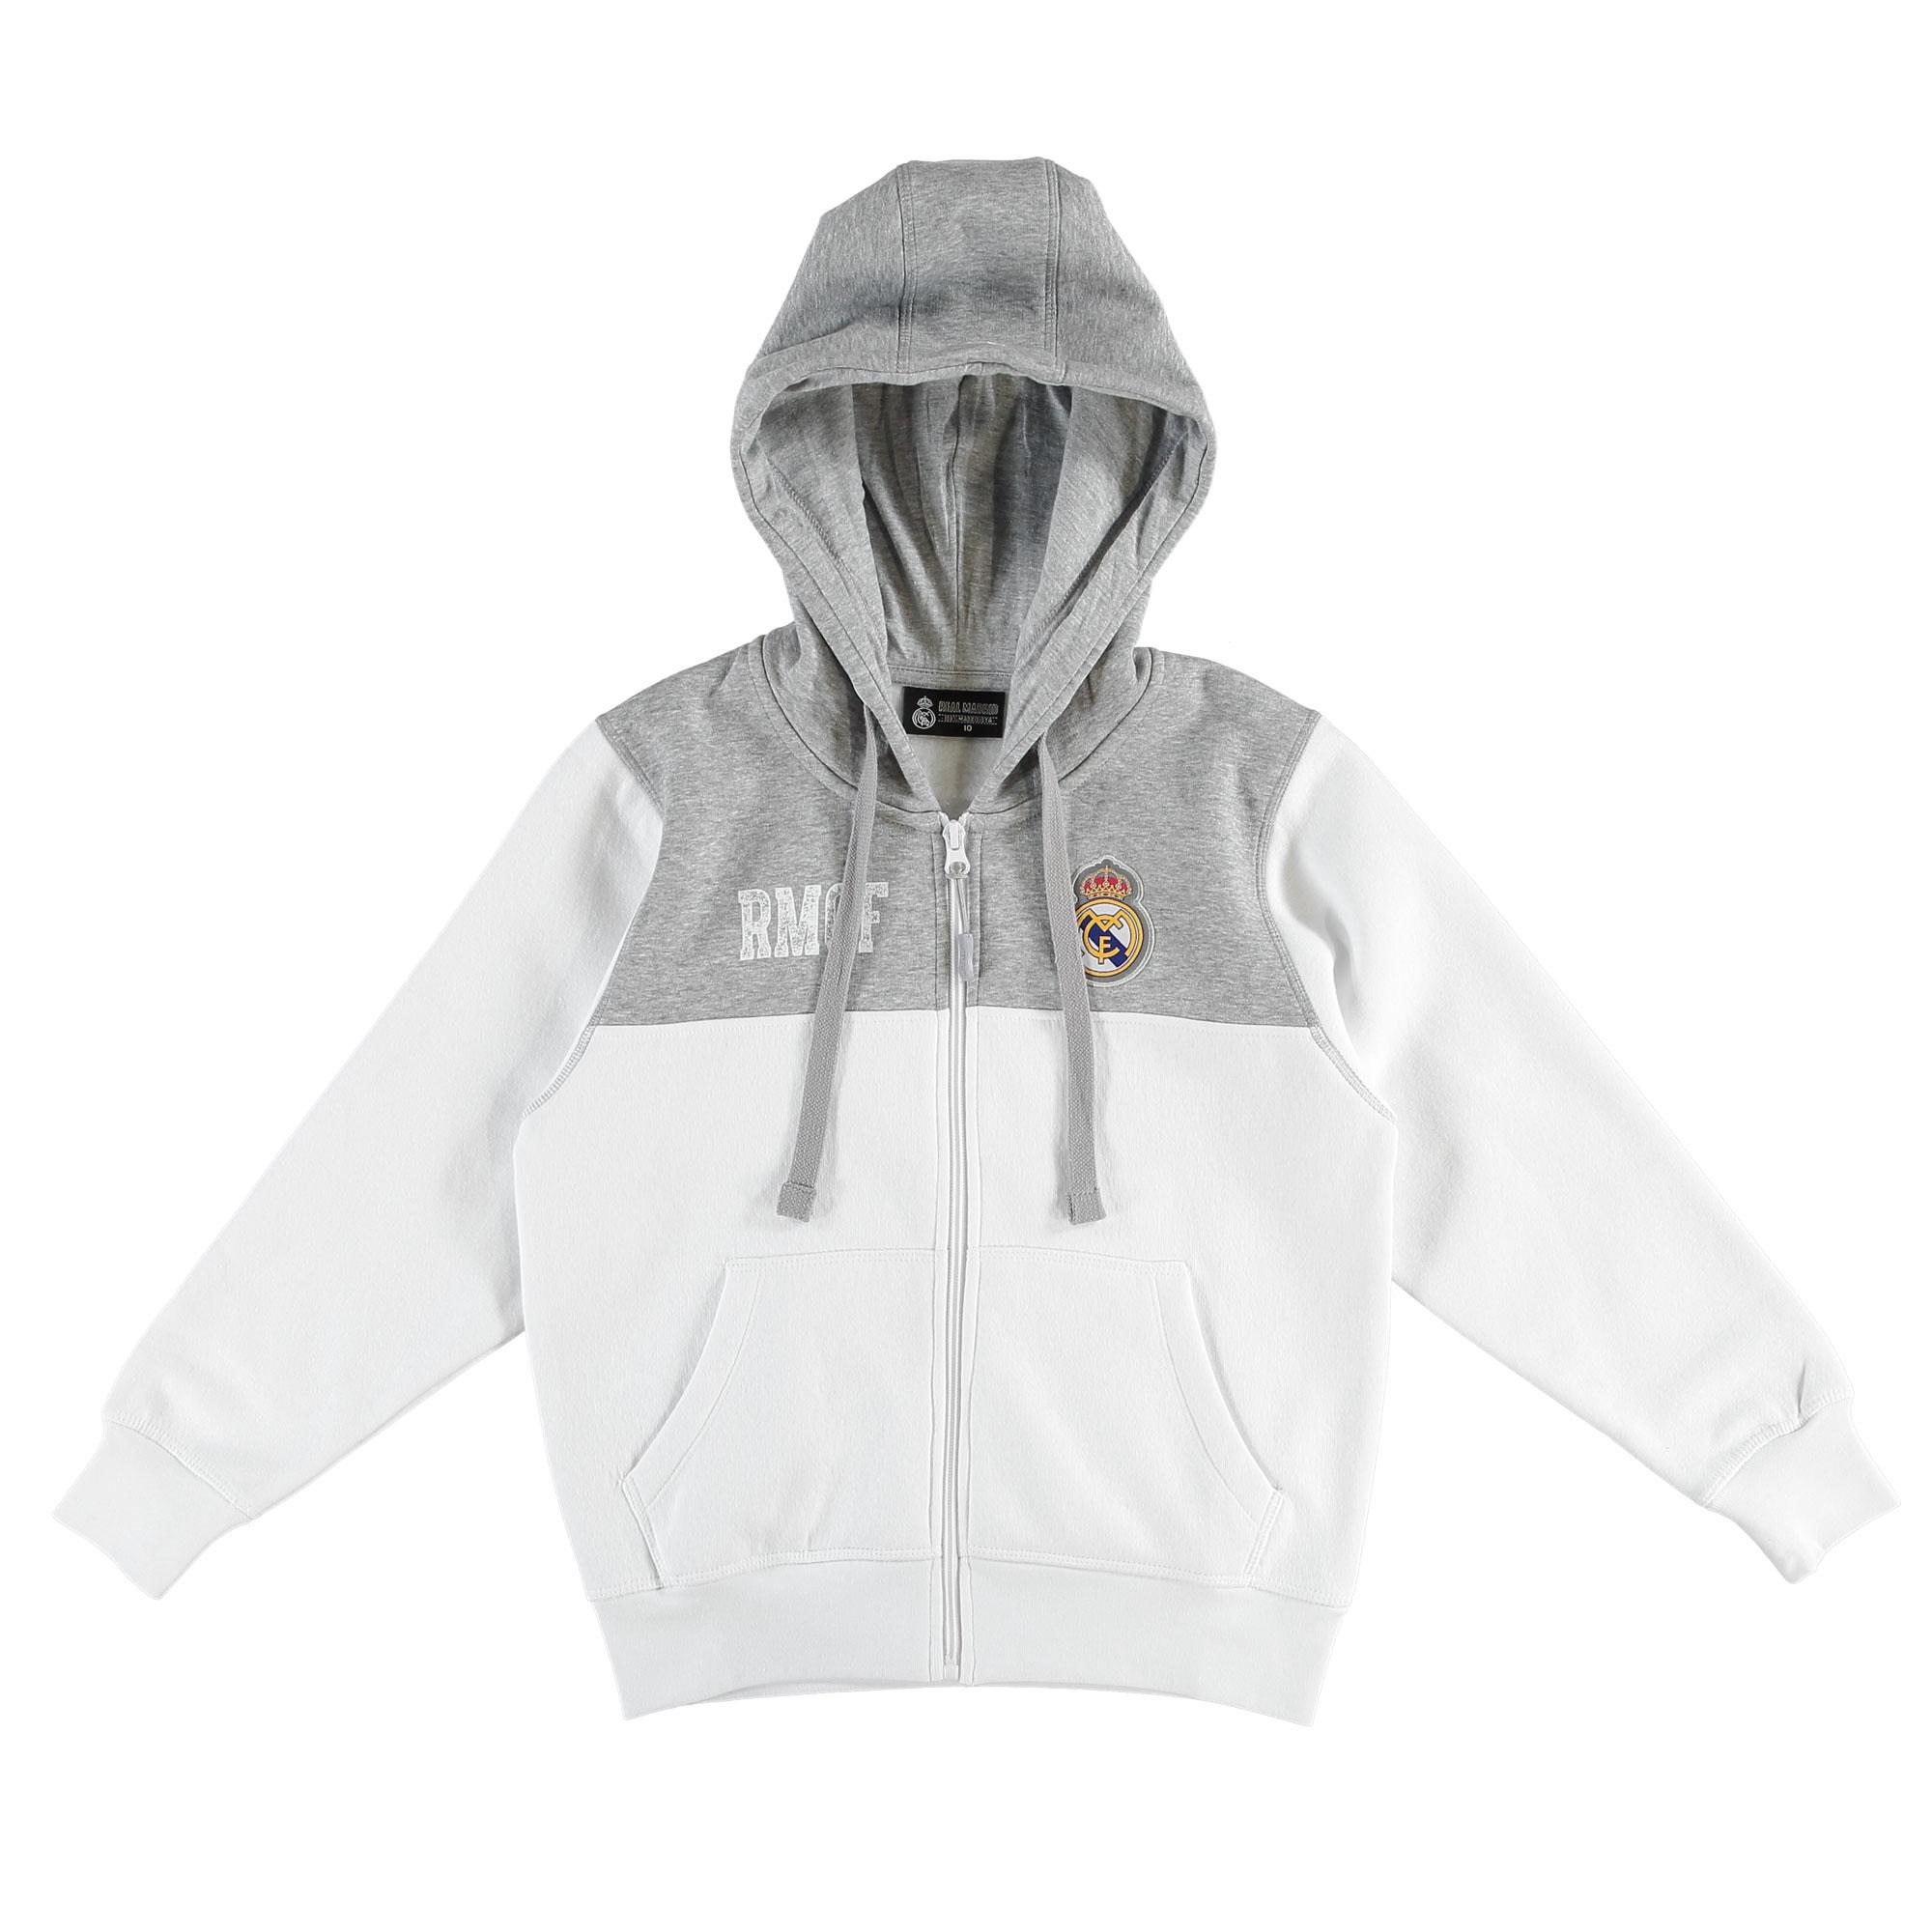 Prendas Deportivas Rogers SL / Sudadera con capucha con cremallera completa Real Madrid - Blanco/Gris - Chico